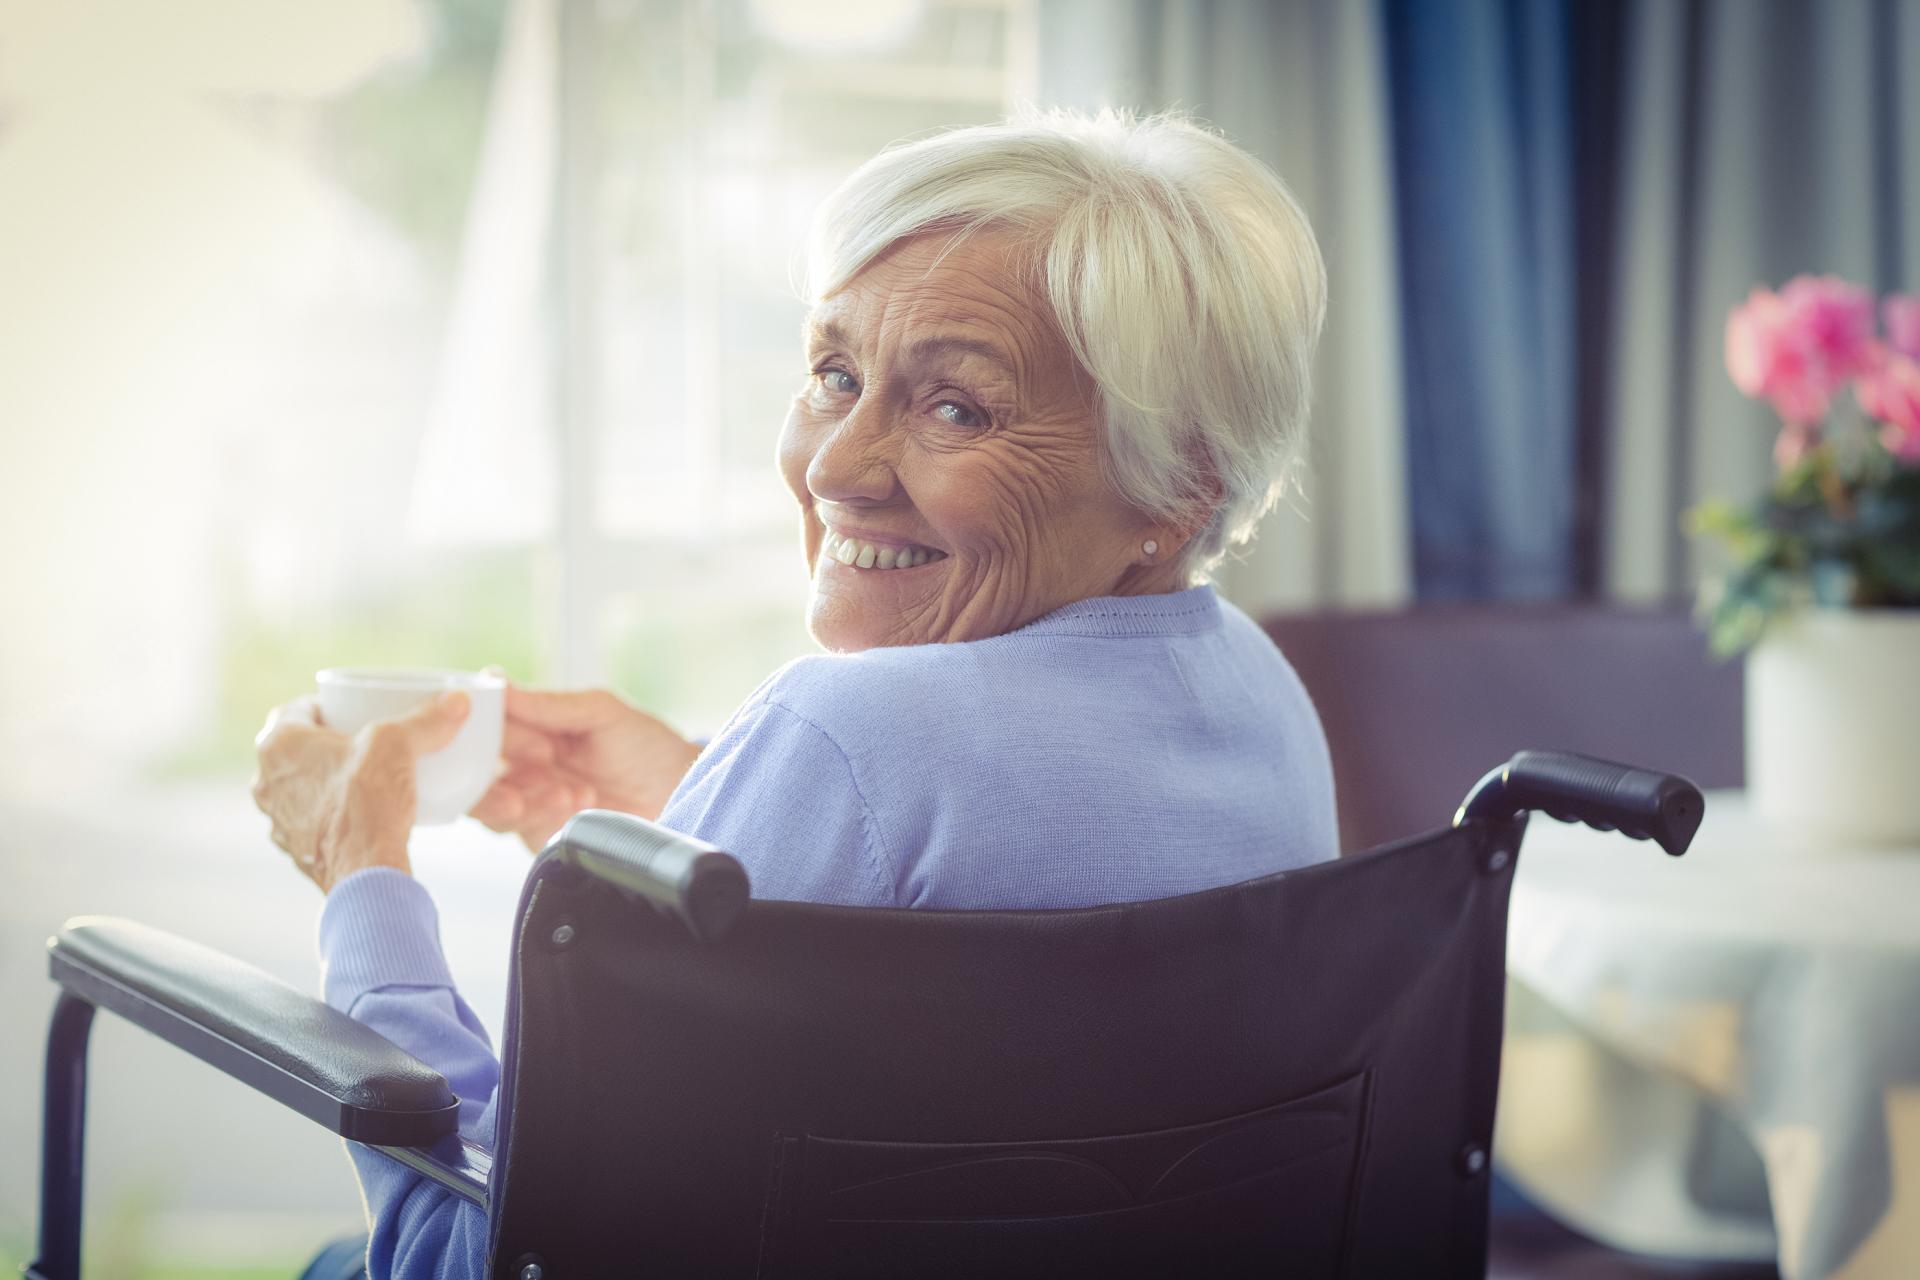 happy senior woman on wheelchair holding a cup of tea at home - Die Betreuung in häuslicher Gemeinschaft ist ein zukunftsfähiges, transparentes und absolut sicheres Modell